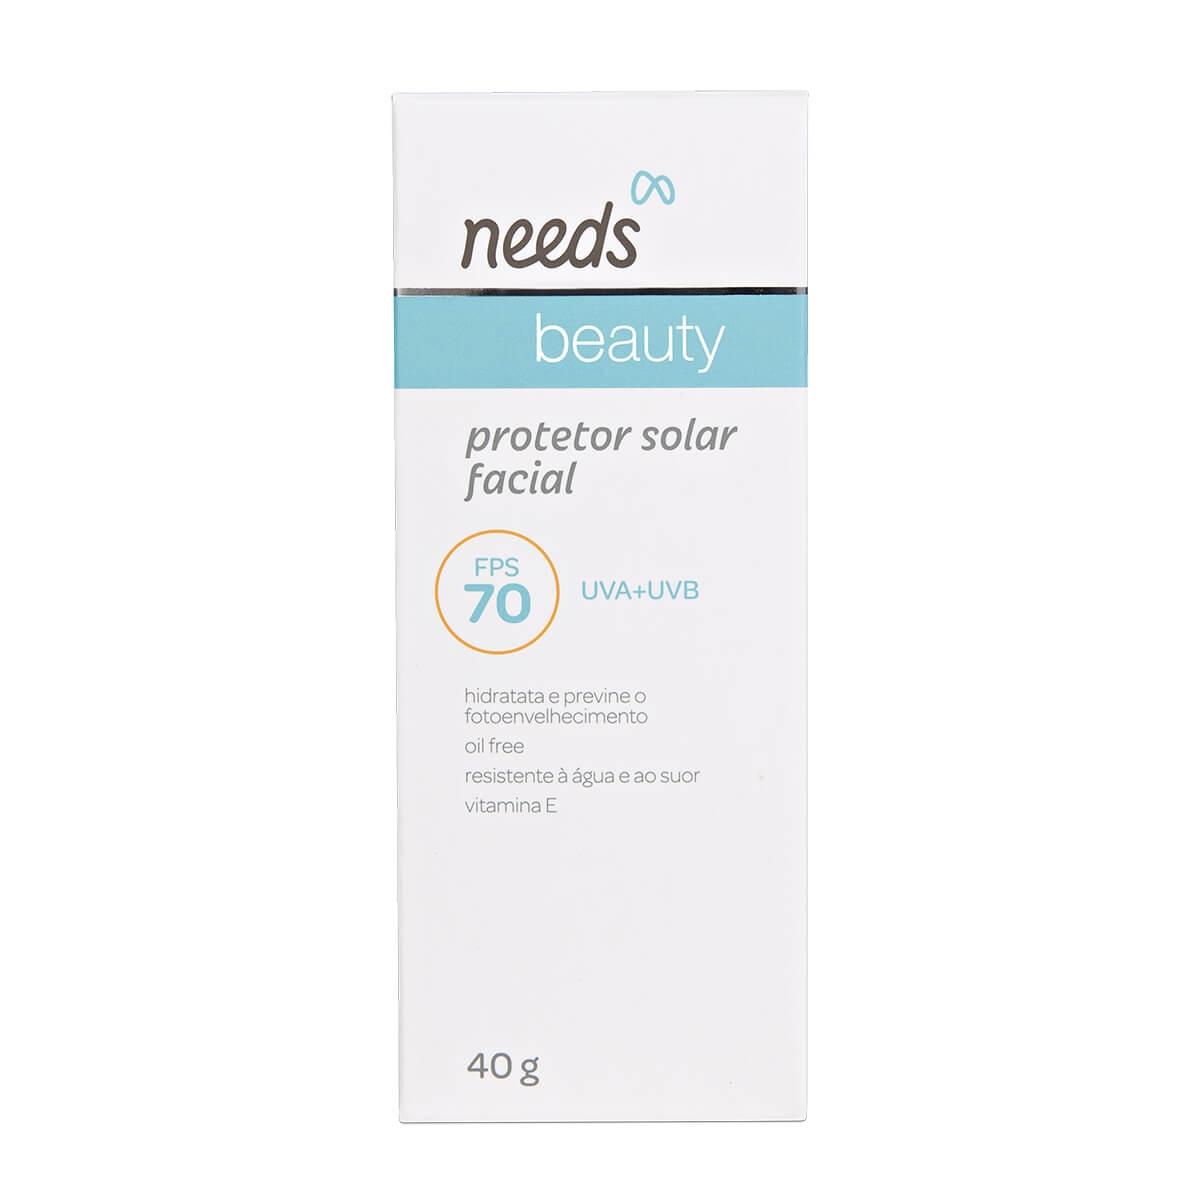 Protetor Solar Facial Needs Beauty Oil-Free FPS 70 com 40g 40g